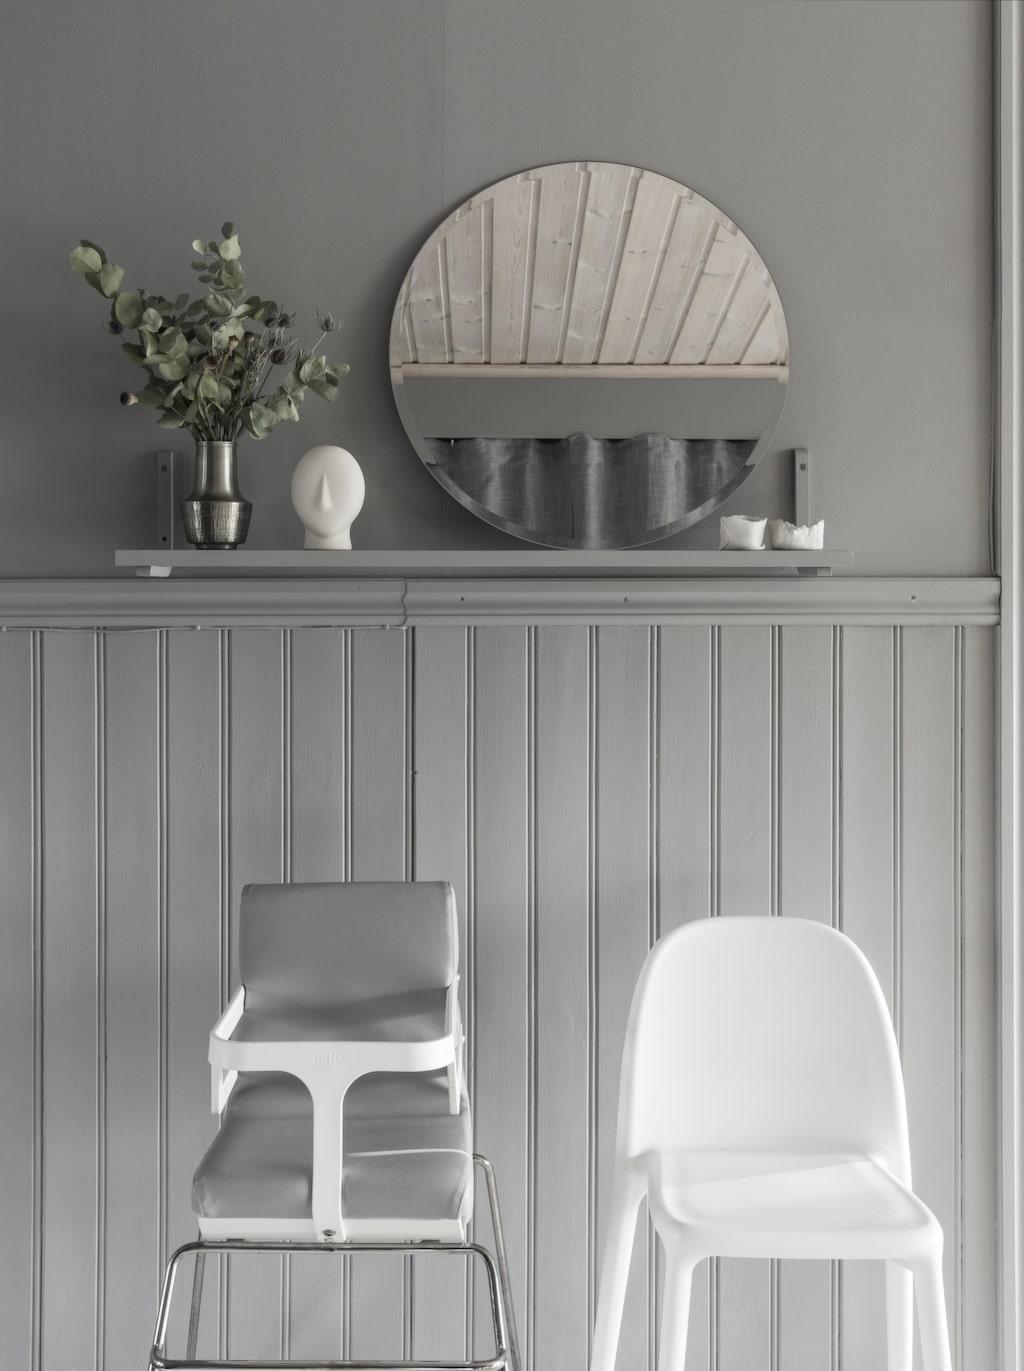 Väggar och pärlspont är målade i samma grå nyans. Barnens stolar är Ikeas Urban av Carl Öjerstam samt Brio Grow som har slutat tillverkas.